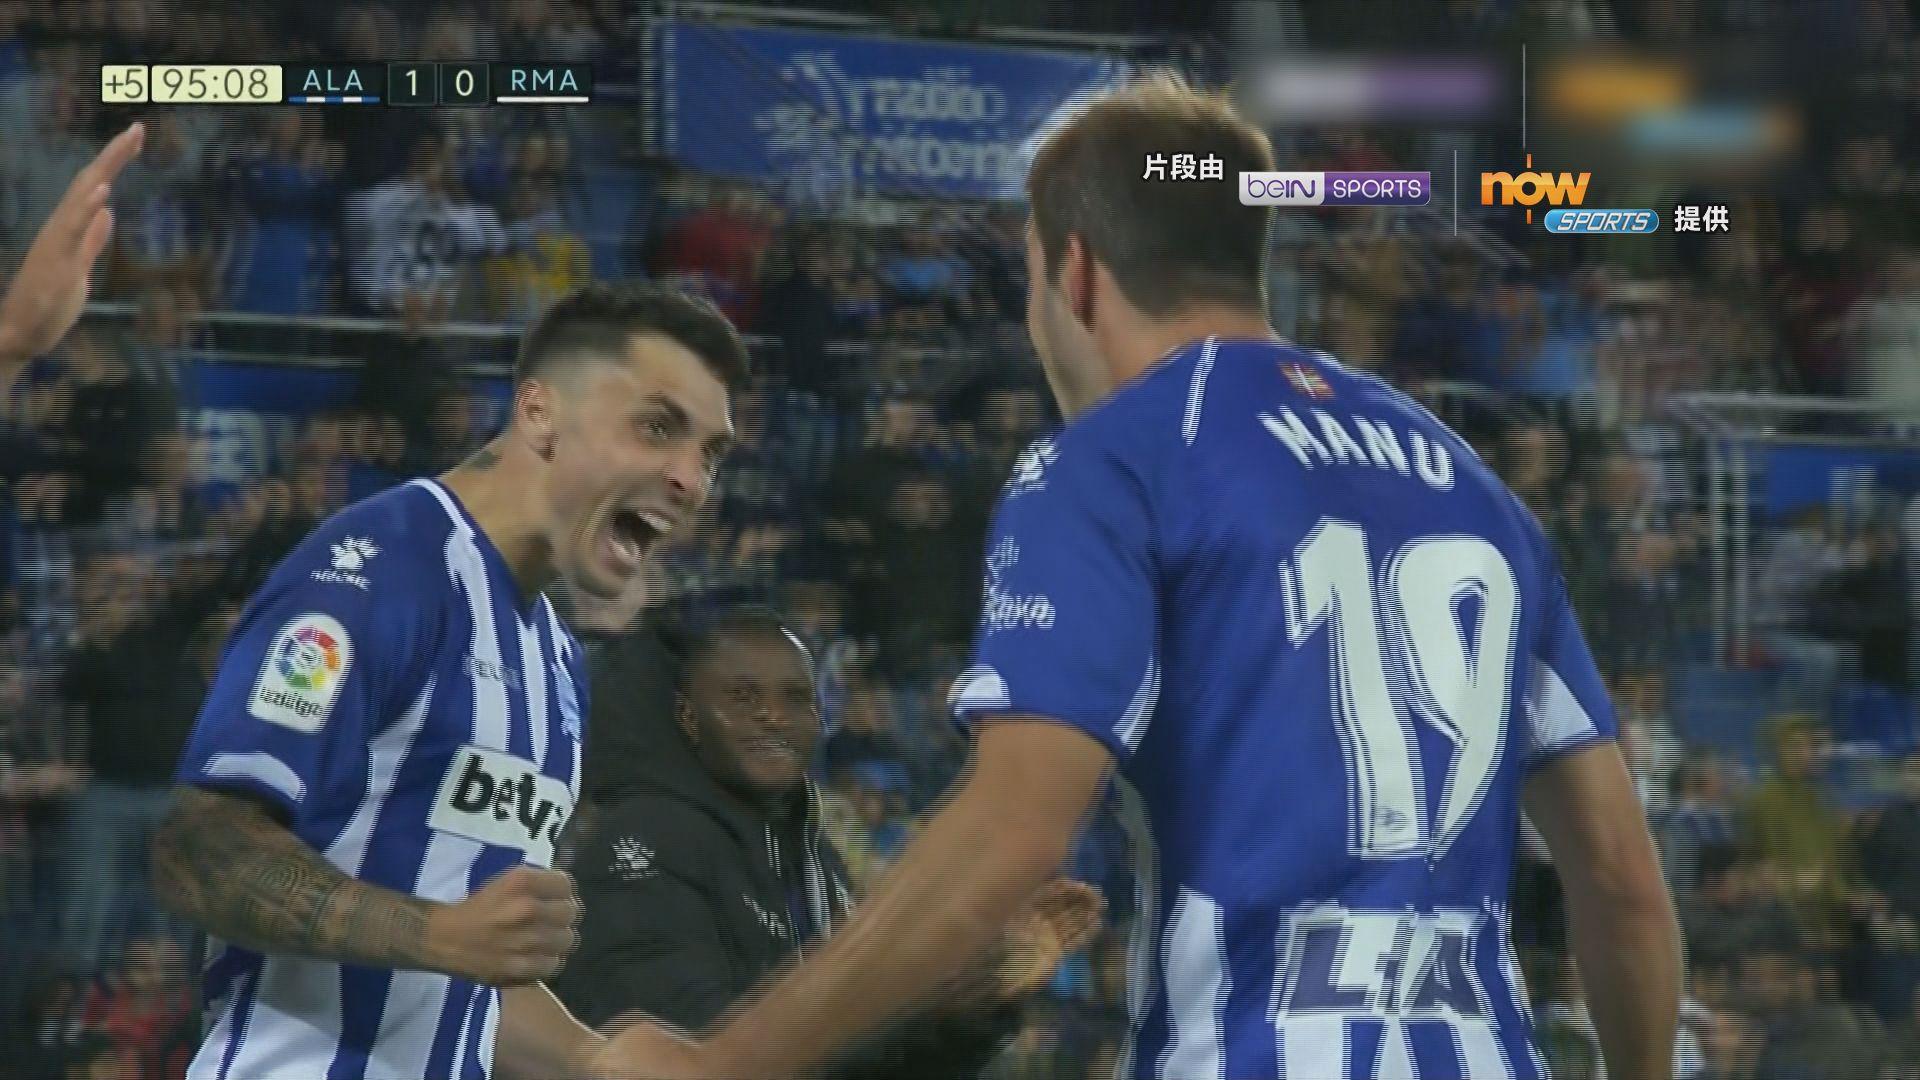 西甲 艾拉維斯 1:0 皇家馬德里